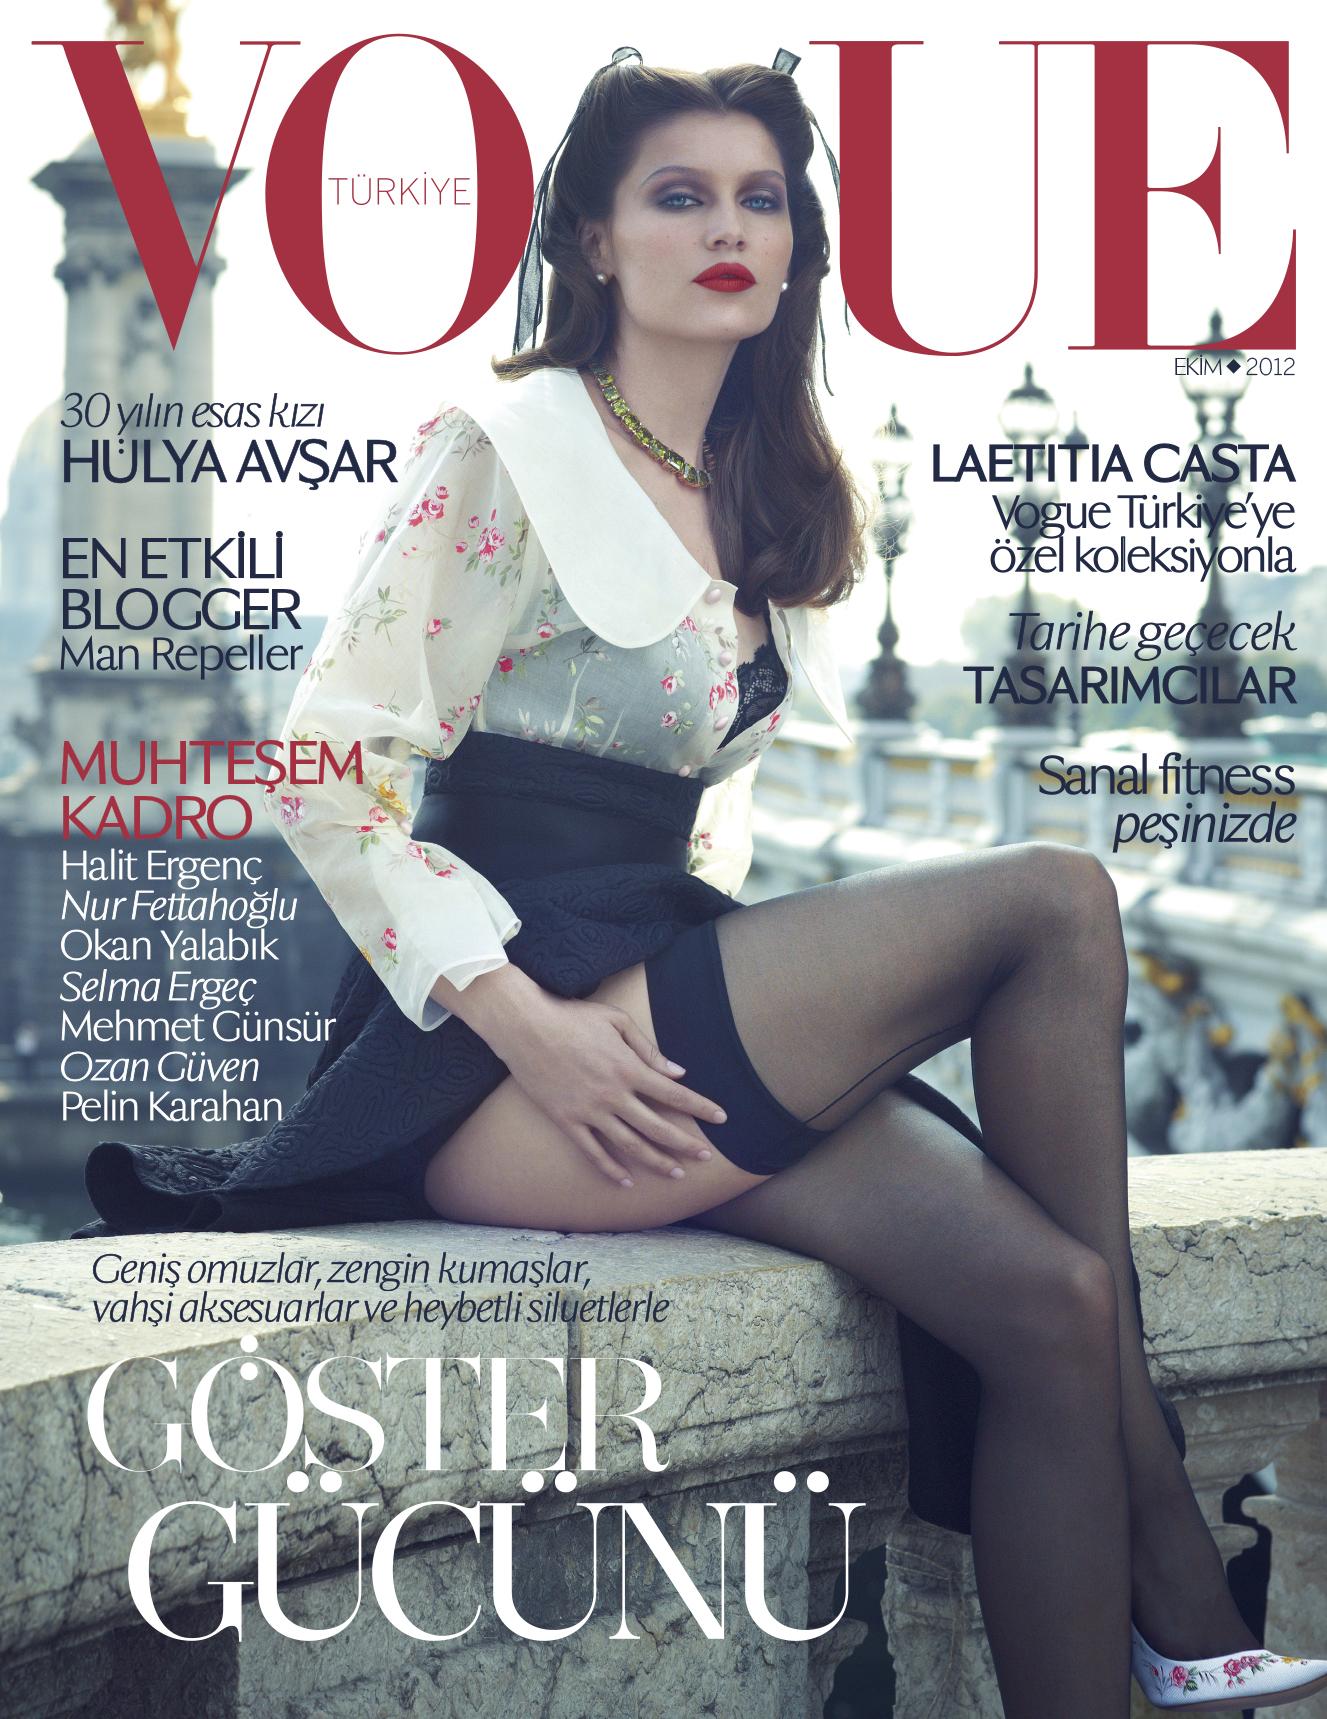 Vogue Türkiye'ye özel koleksiyonla Laetitia Casta